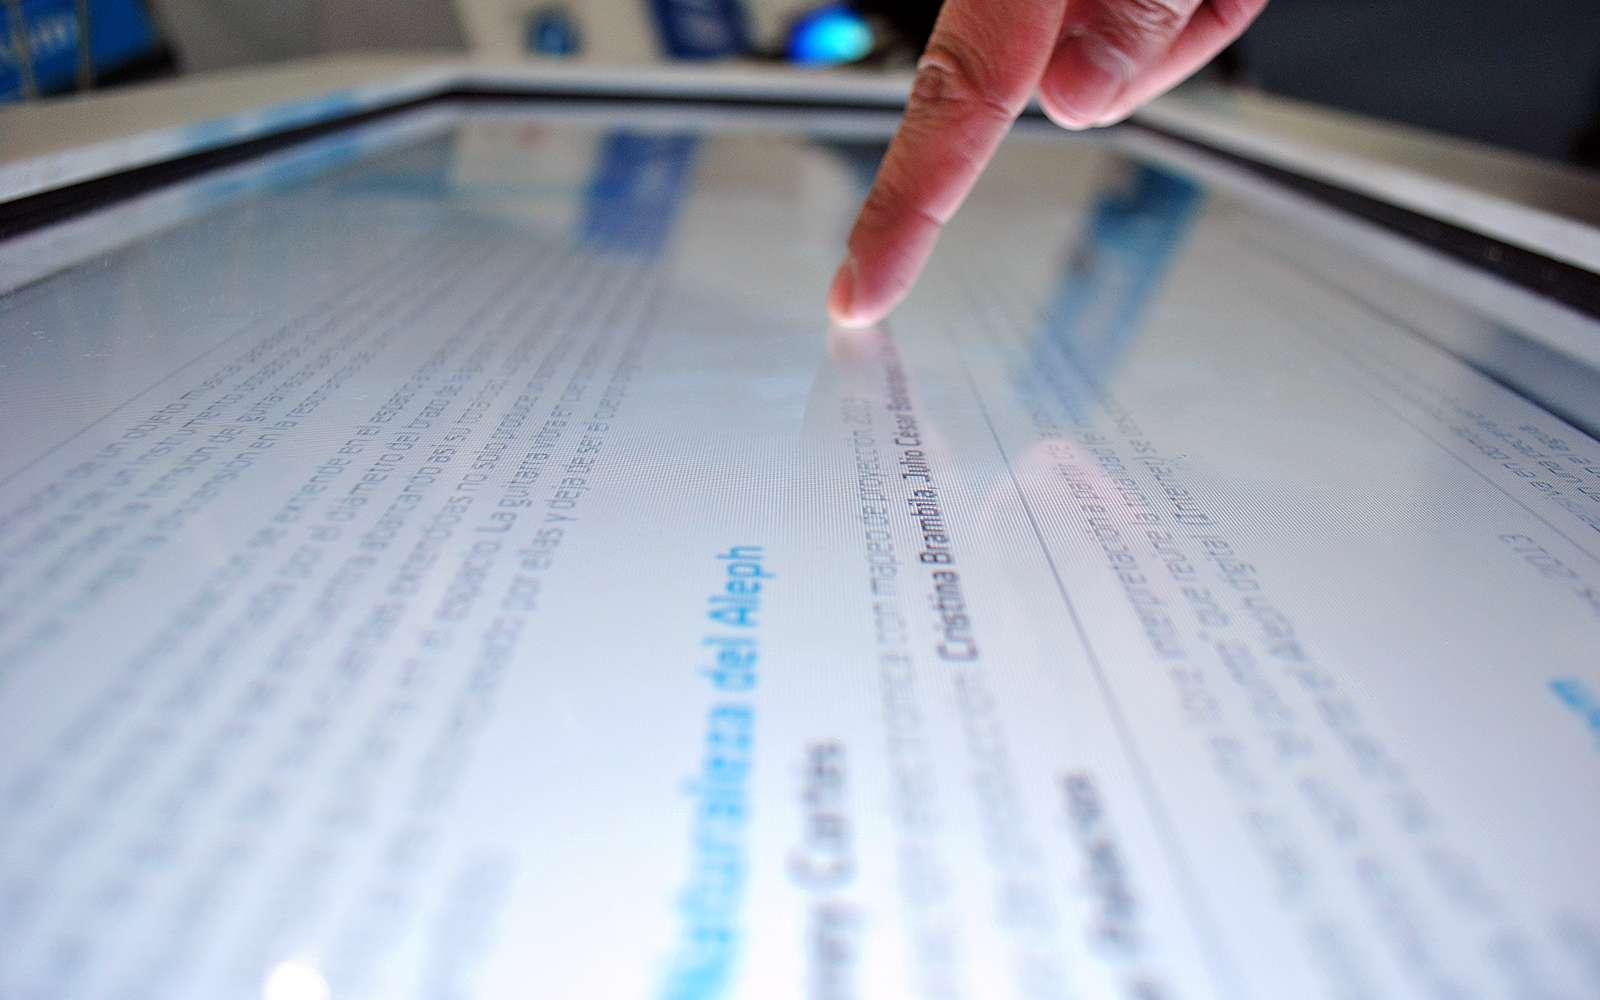 Des chercheurs ont trouvé le moyen de fabriquer un papier électronique transparent à base de nanofibrilles de cellulose qui s'autoalimente par le toucher. Utilisé comme revêtement, il pourrait servir à protéger des objets ou des documents contre le vol ou la contrefaçon et également à produire des journaux ou des livres électroniques jetables. © ProtoplasmaKid, CC BY-SA 3.0, Wikimedia Commons